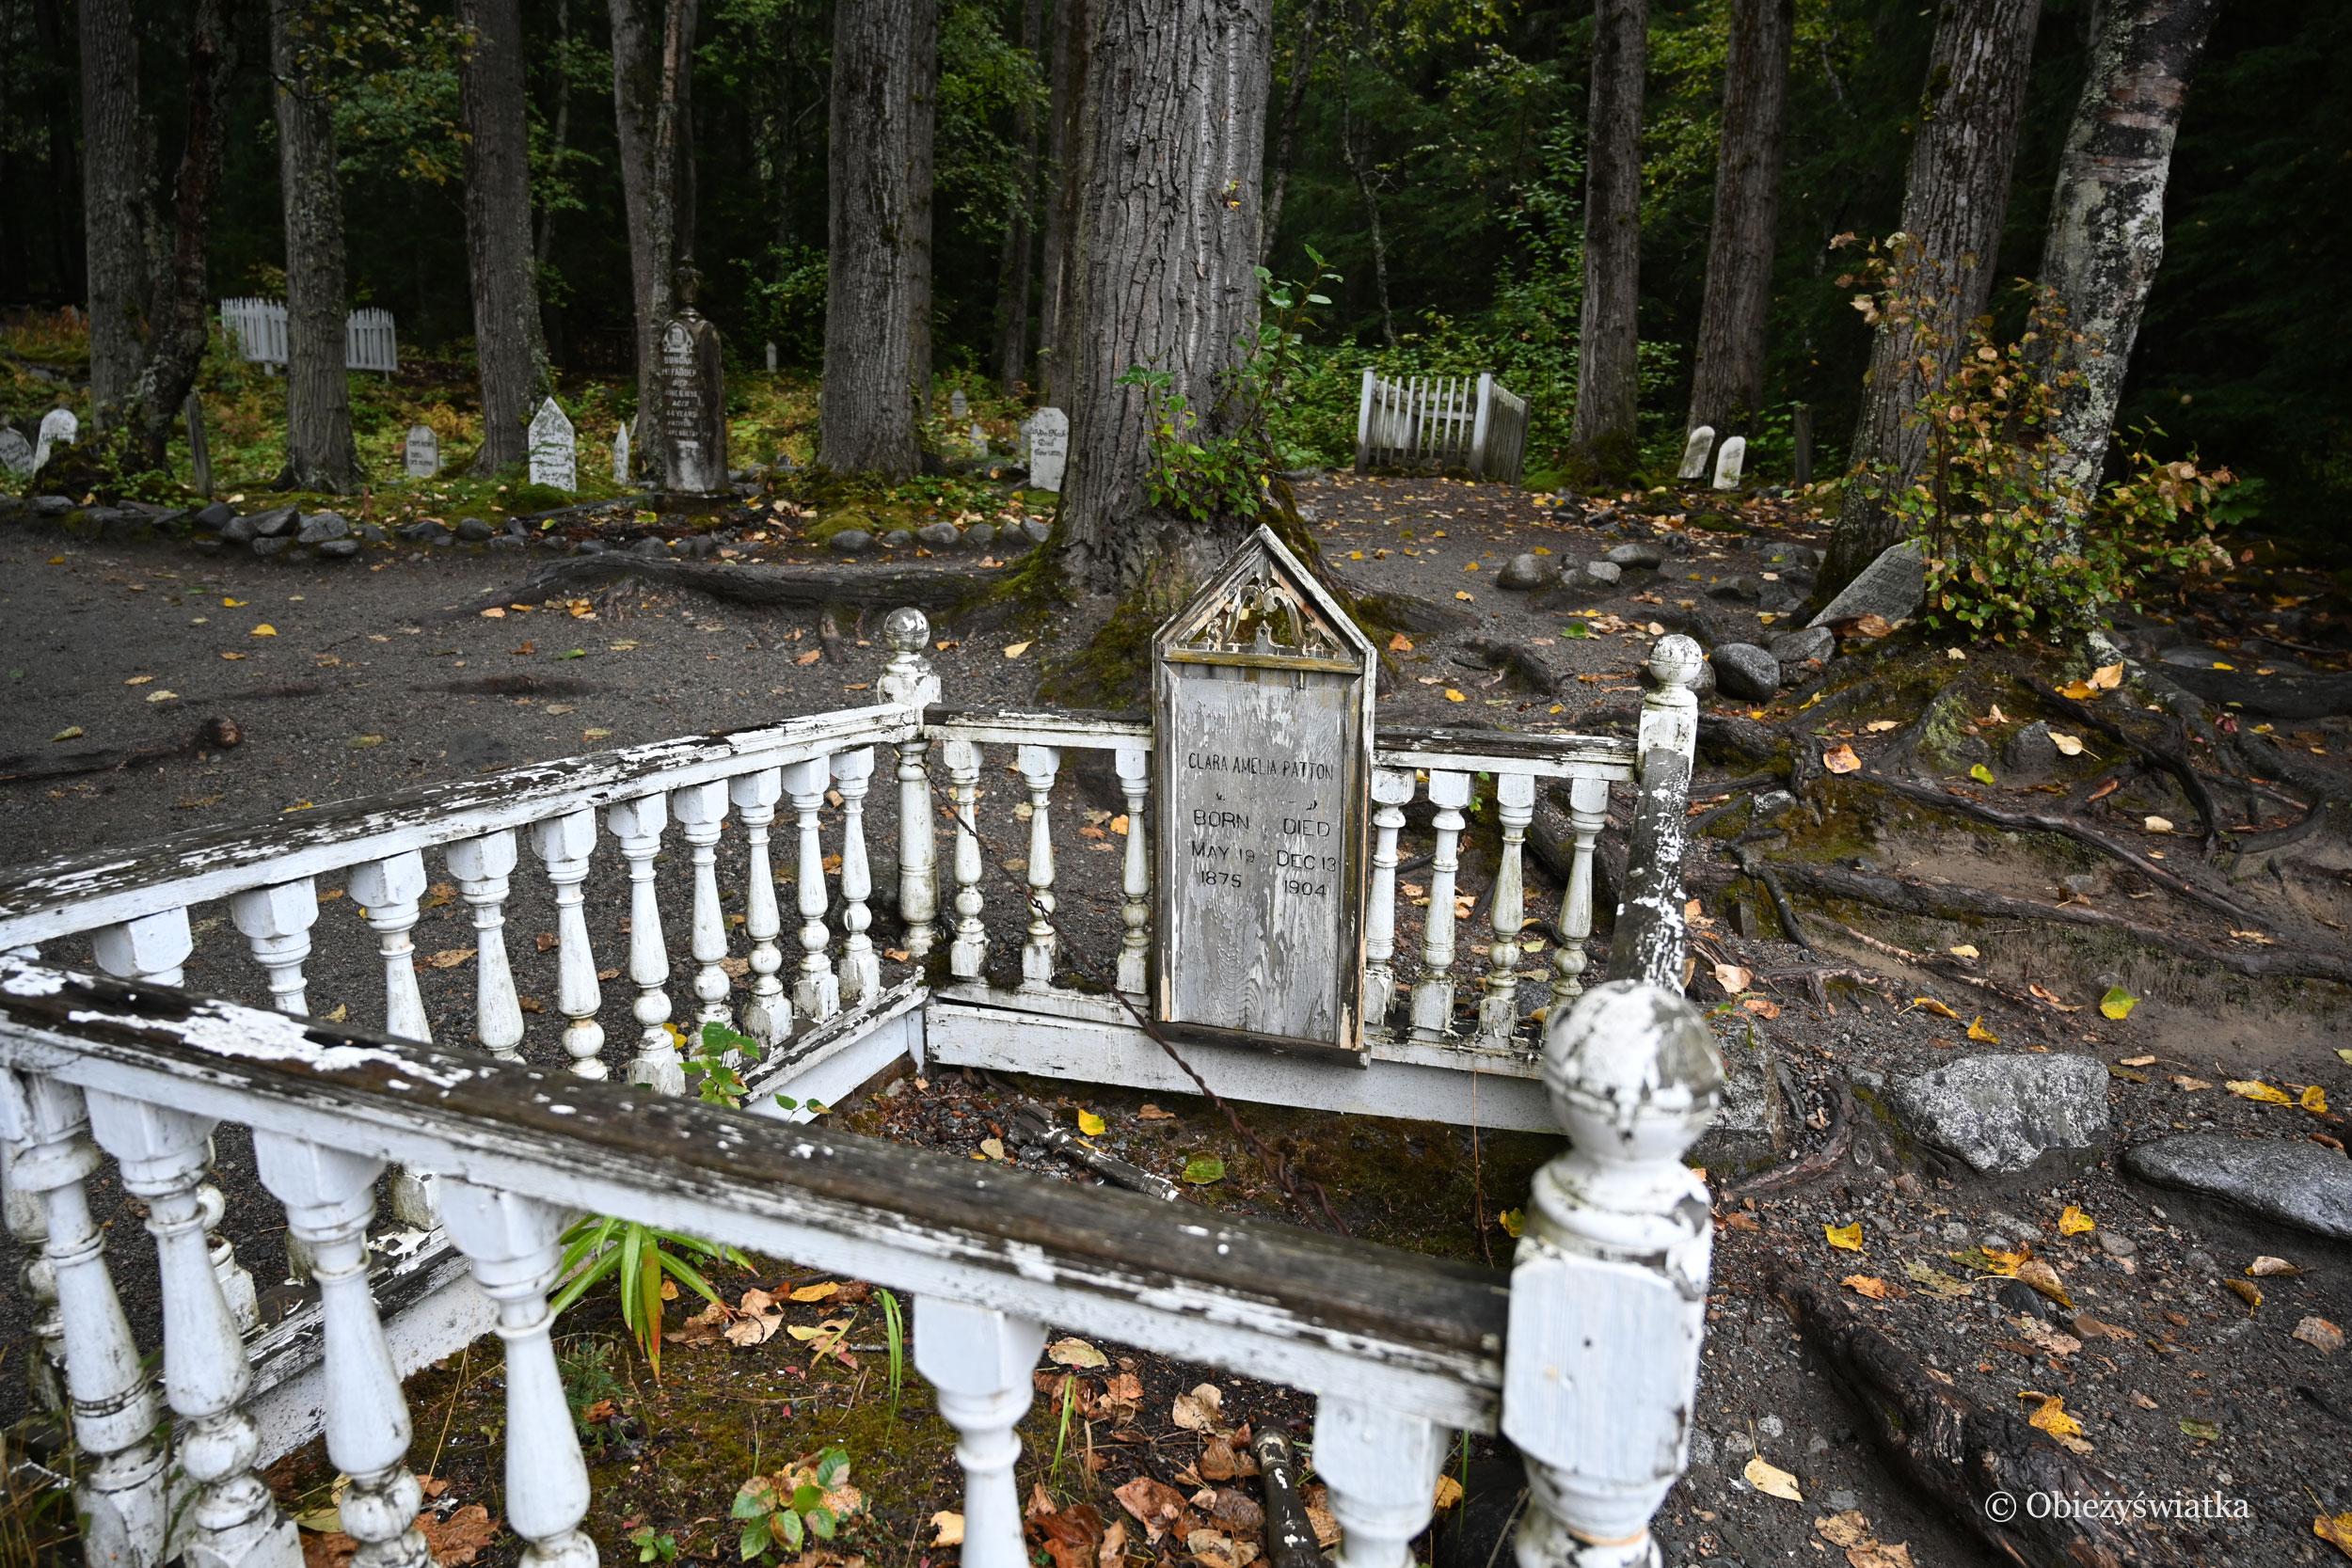 Zabytkowe nagrobki, stare groby - Cmentarz Poszukiwaczy Złota w Skagway, Alaska